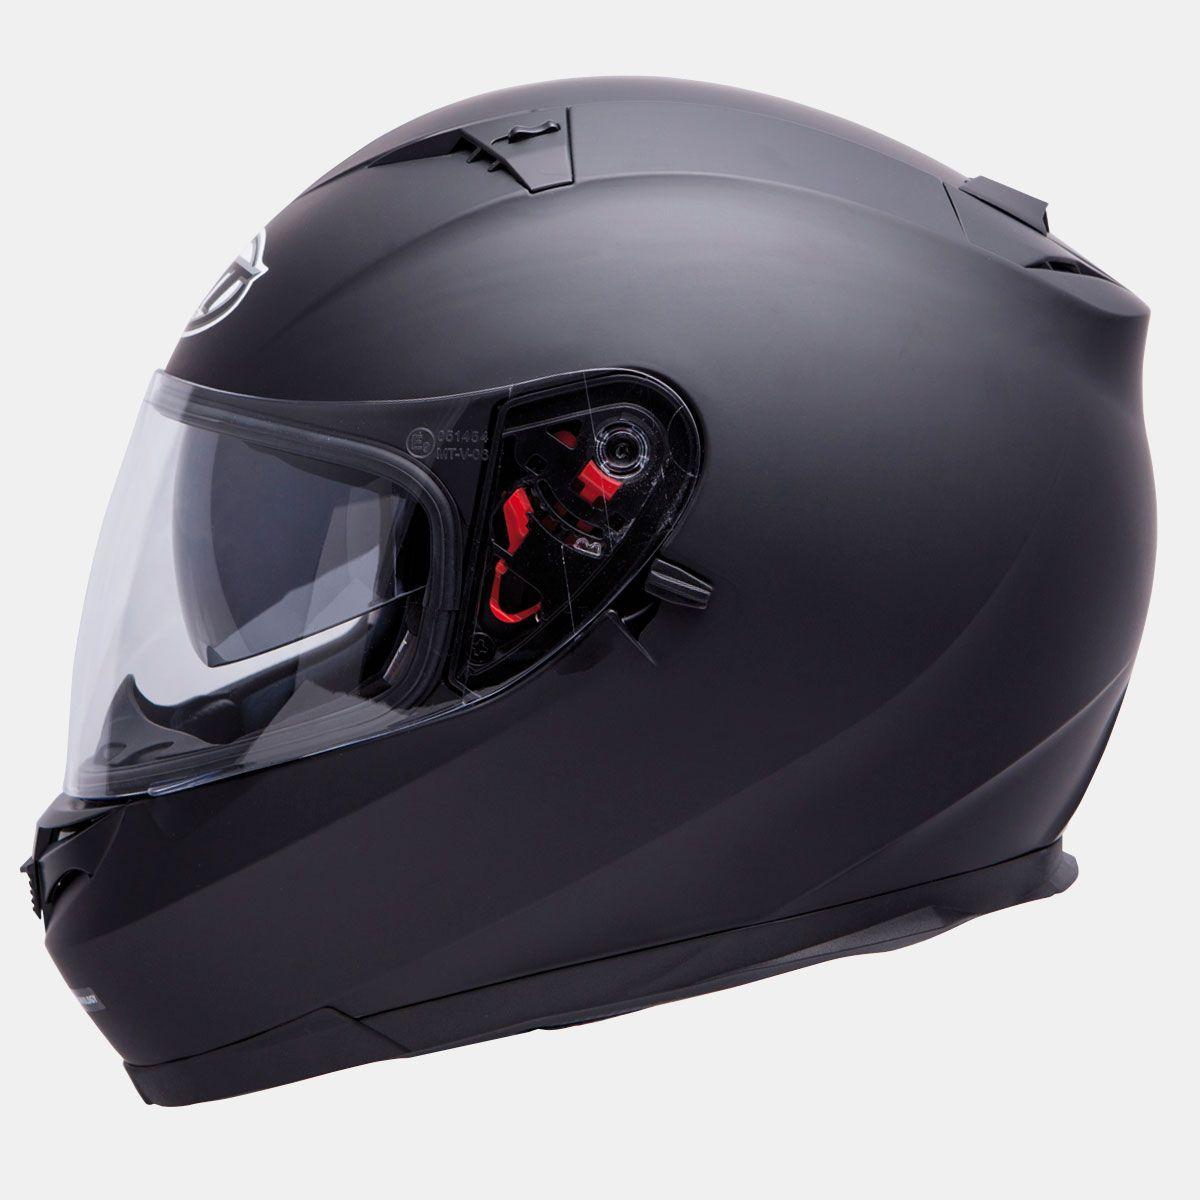 Mt Blade Sv Black Matt Black Blade Helmet